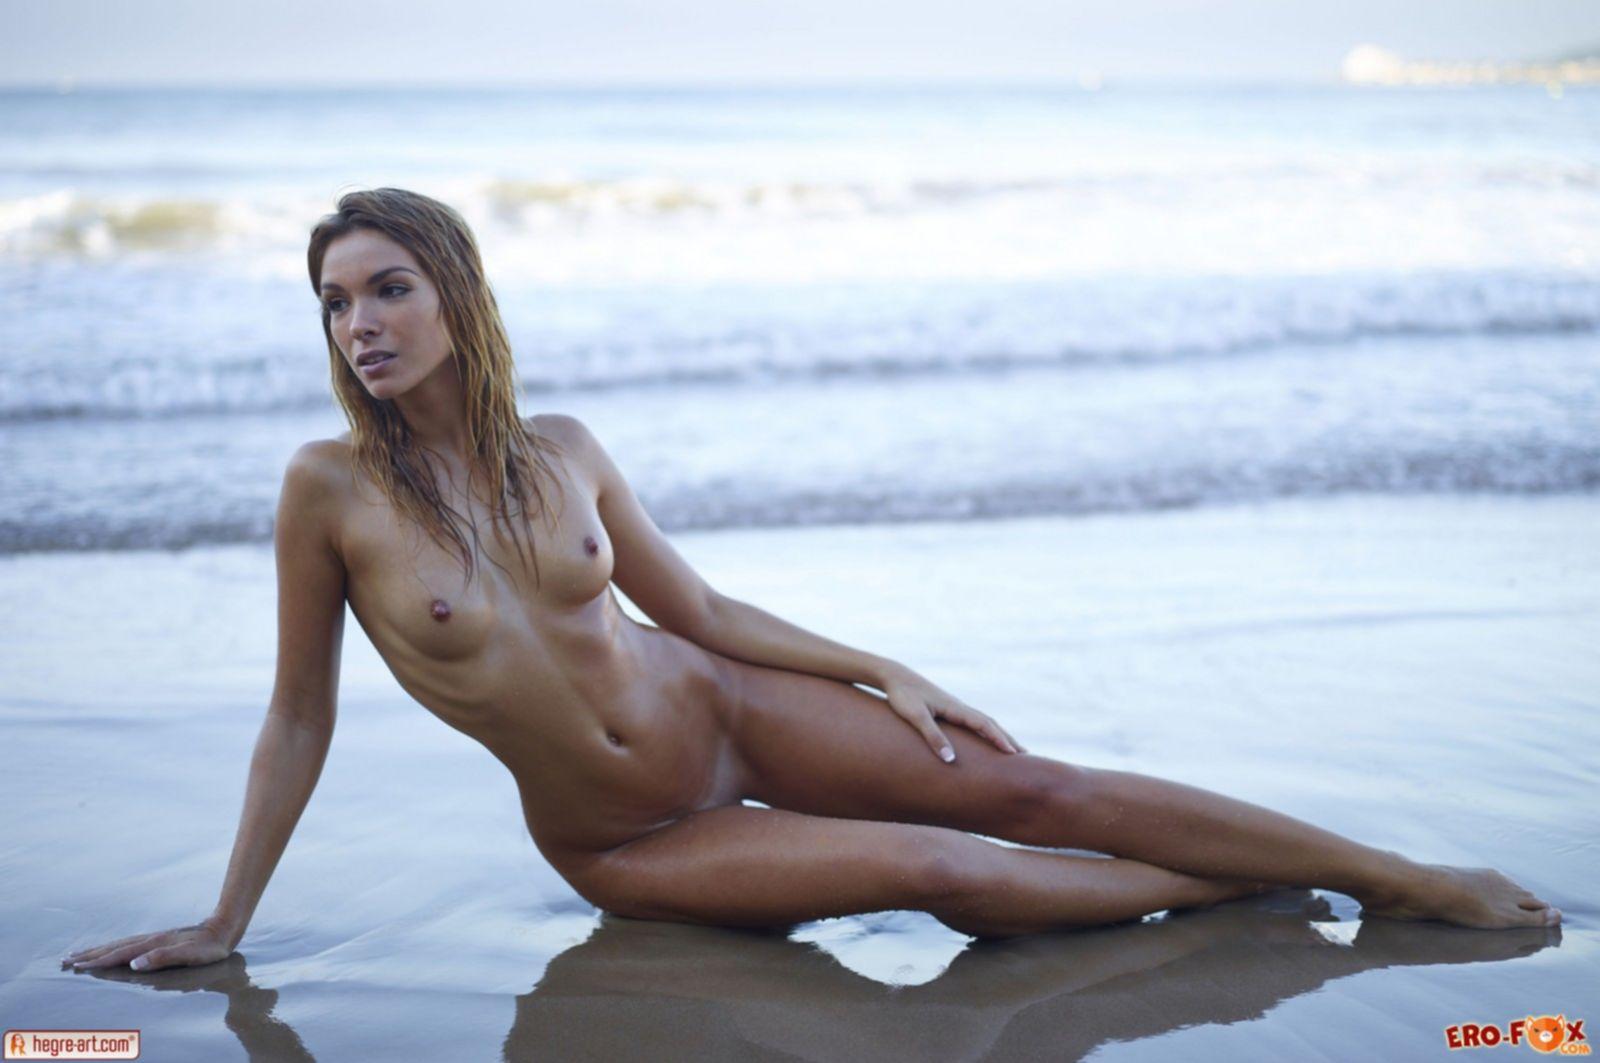 Худая голая девушка резвится на пляже - фото эротика.